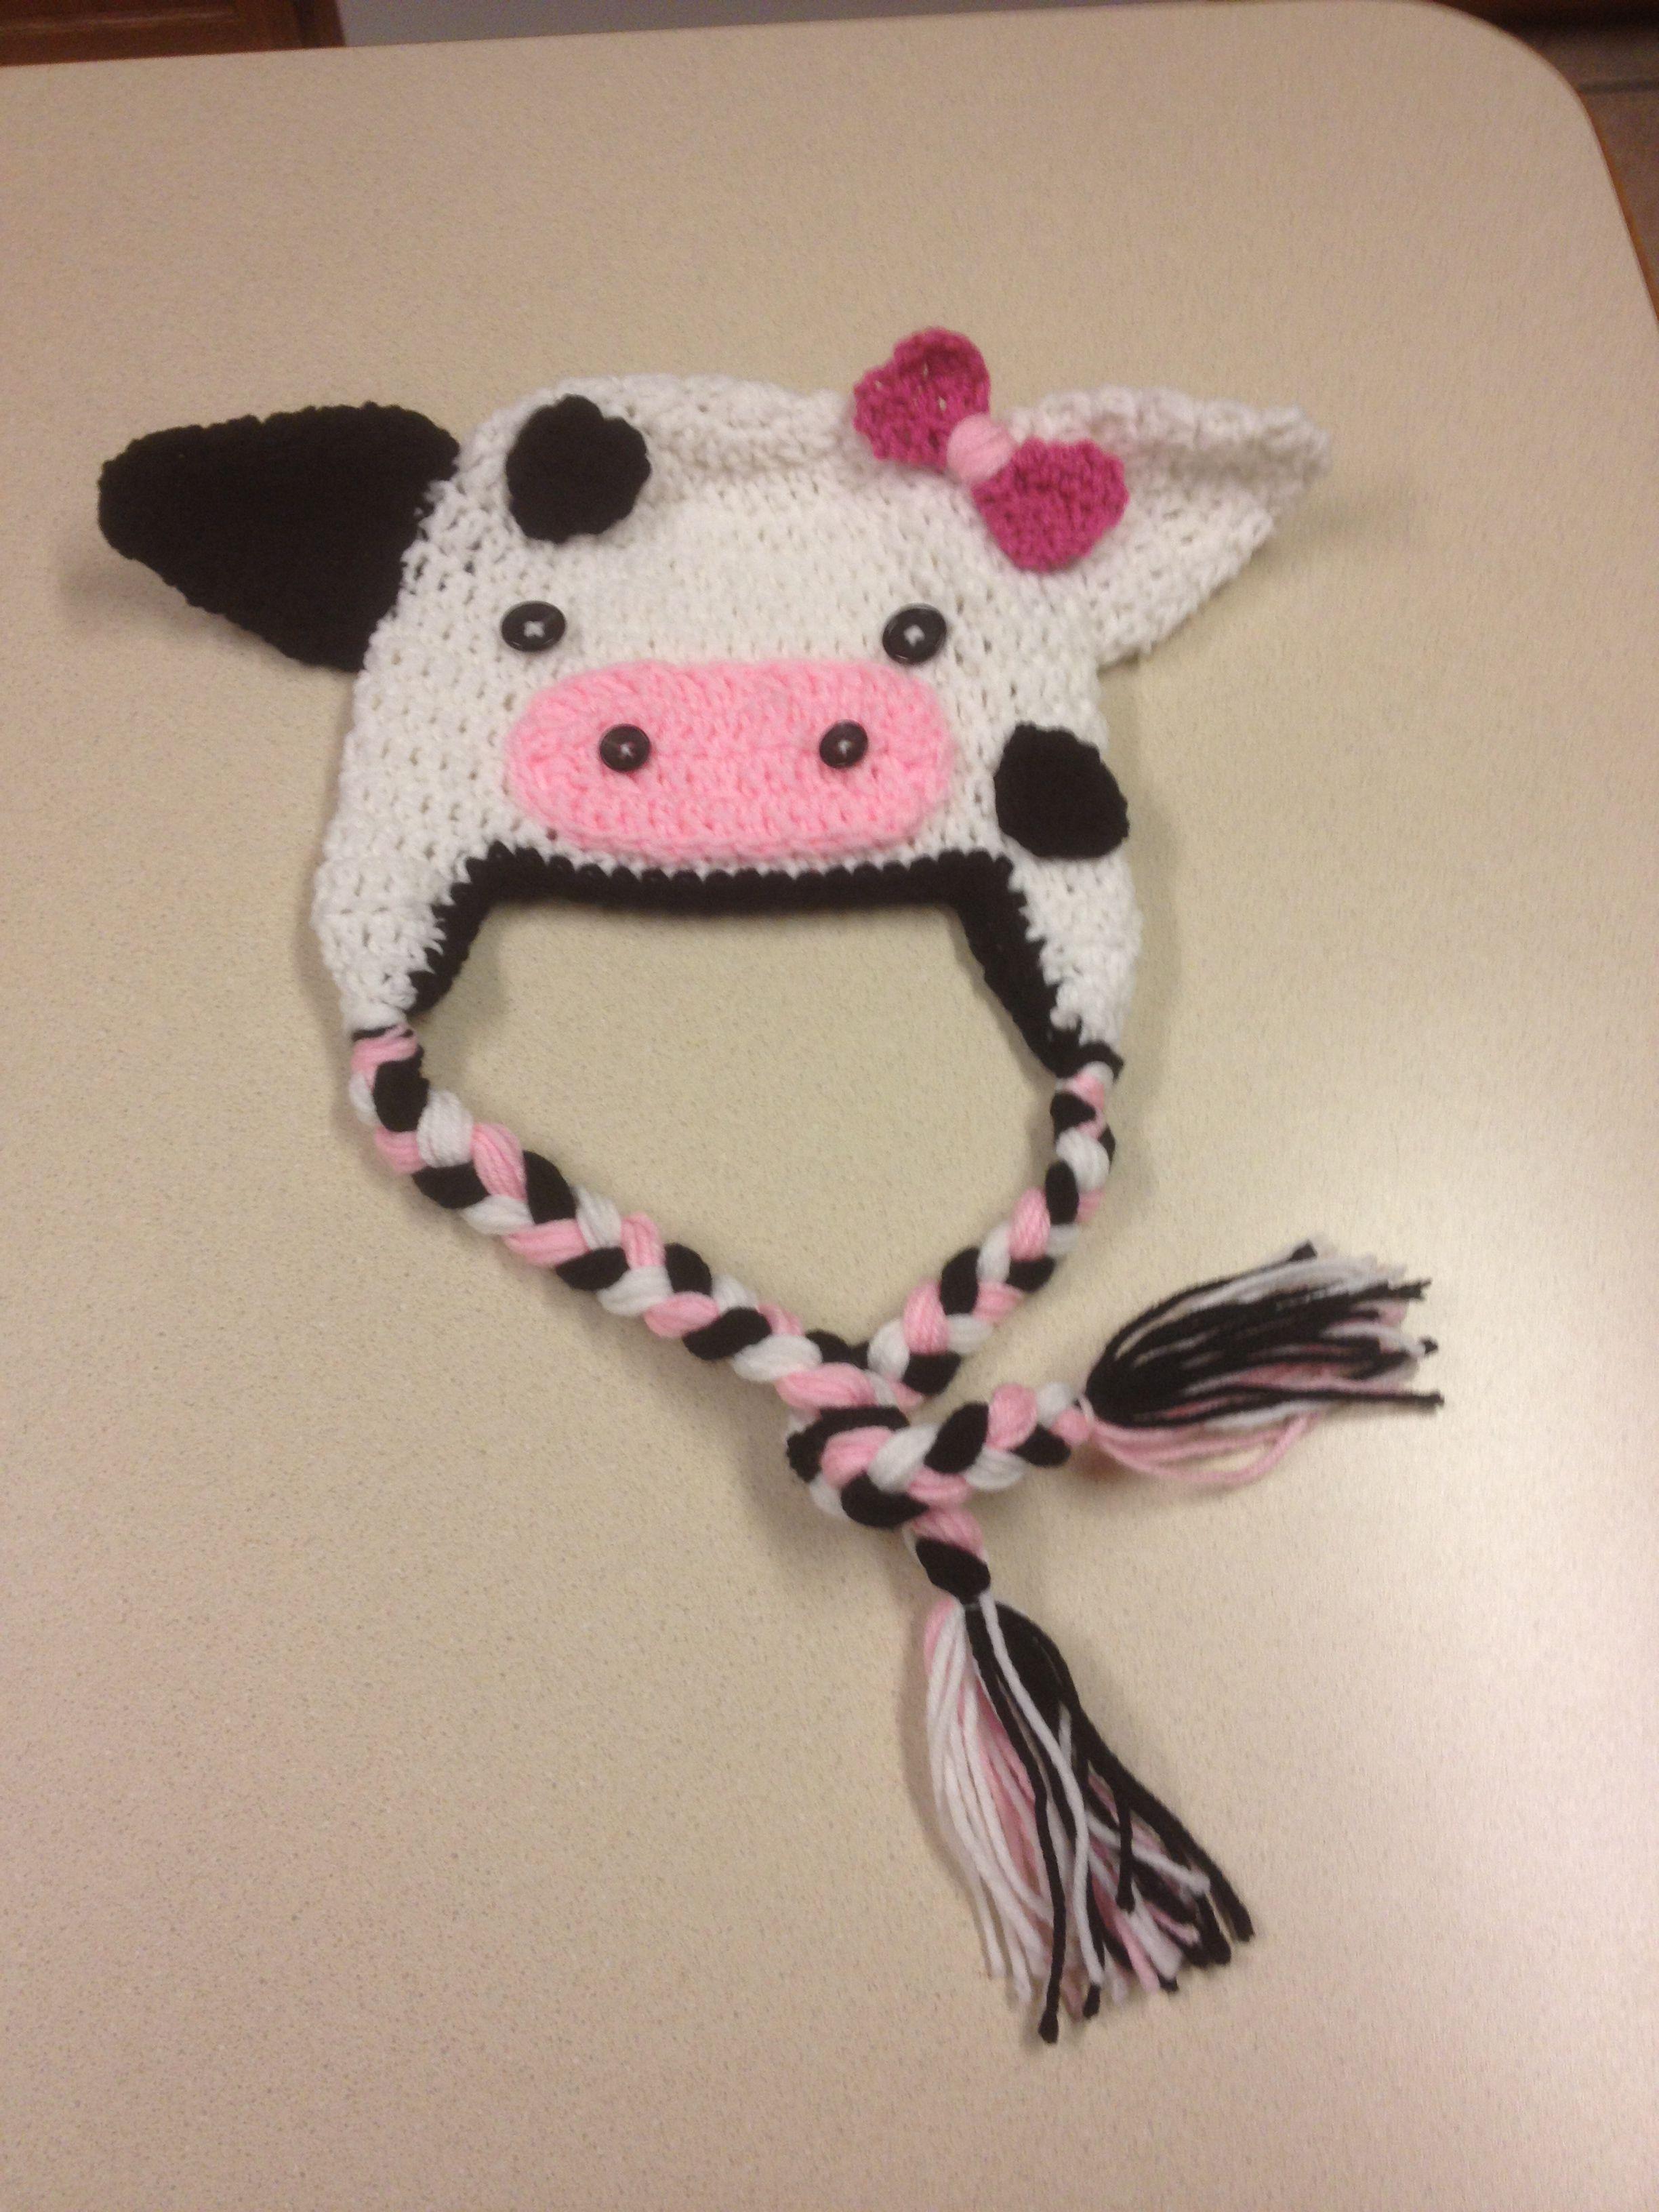 Crochet Pattern Cow Hat : Crochet cow hat! Gorros de bebe 2 Pinterest